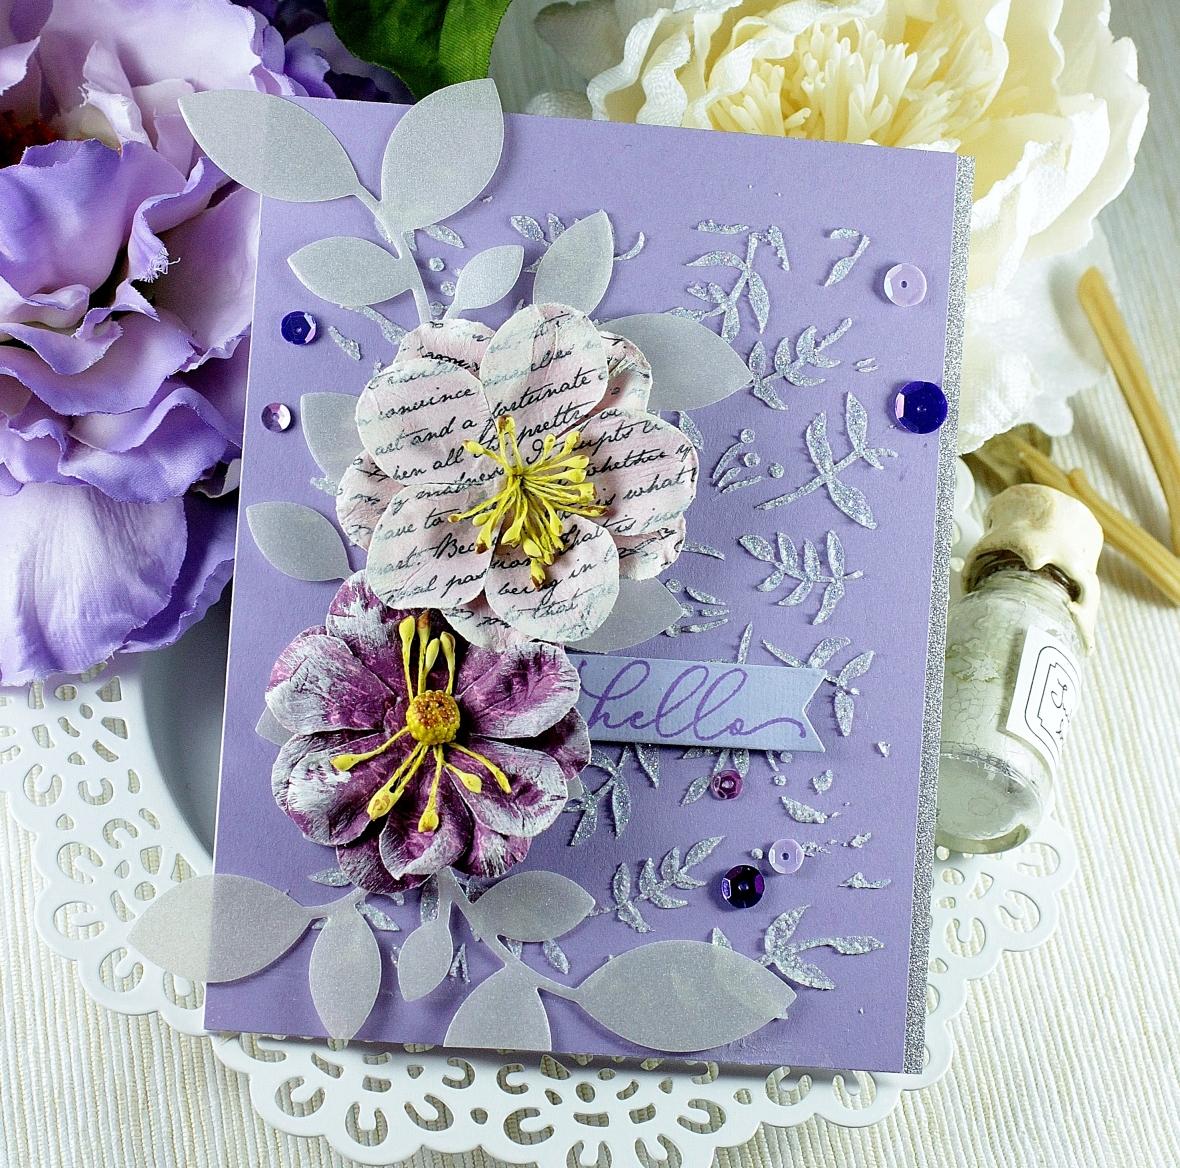 c4c 18 purple leaves n flowers